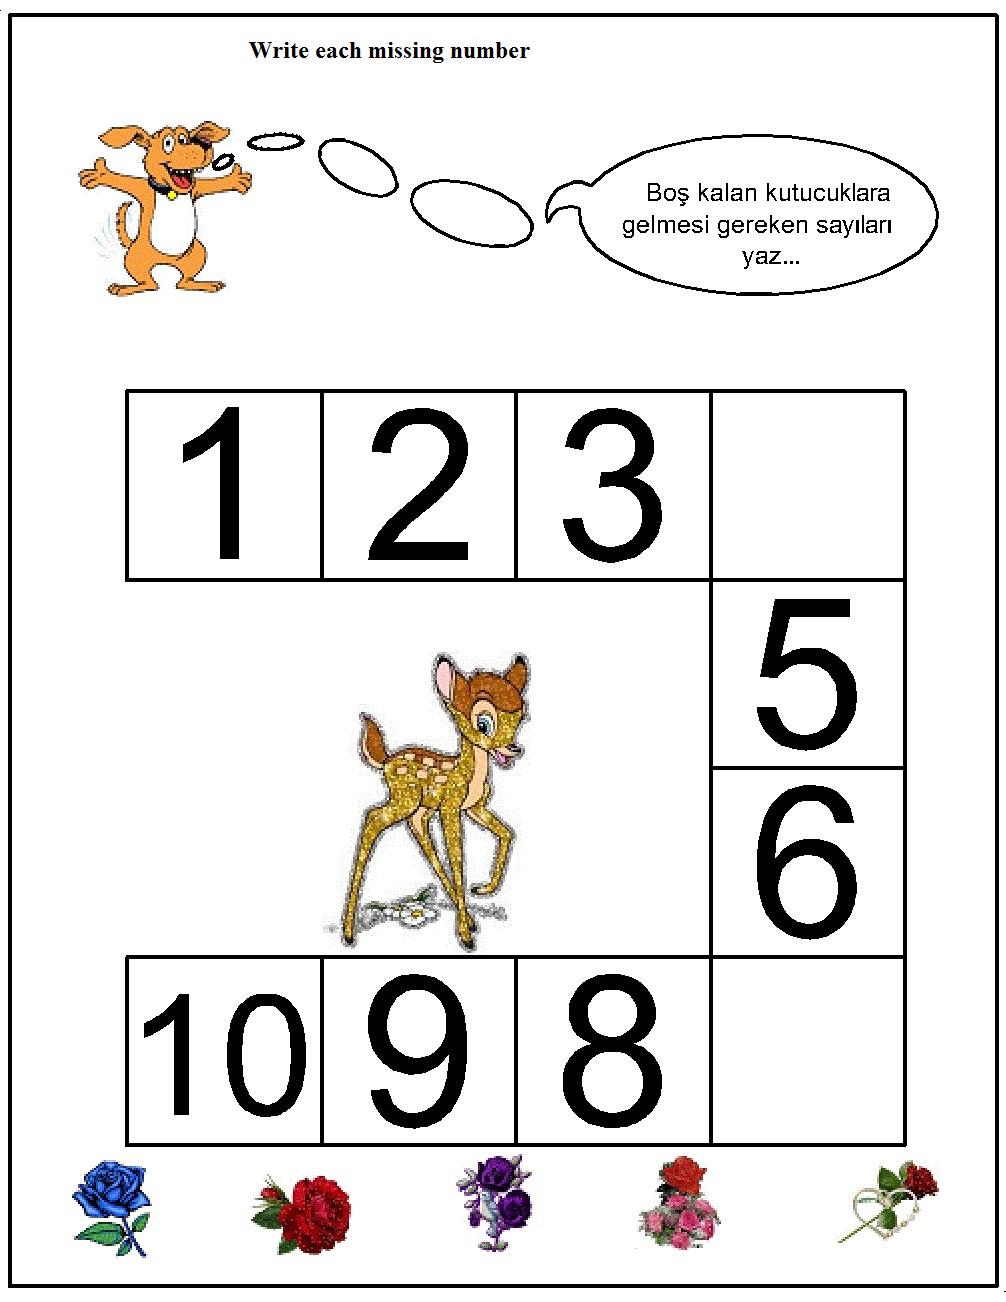 missing number worksheet for kids (28)